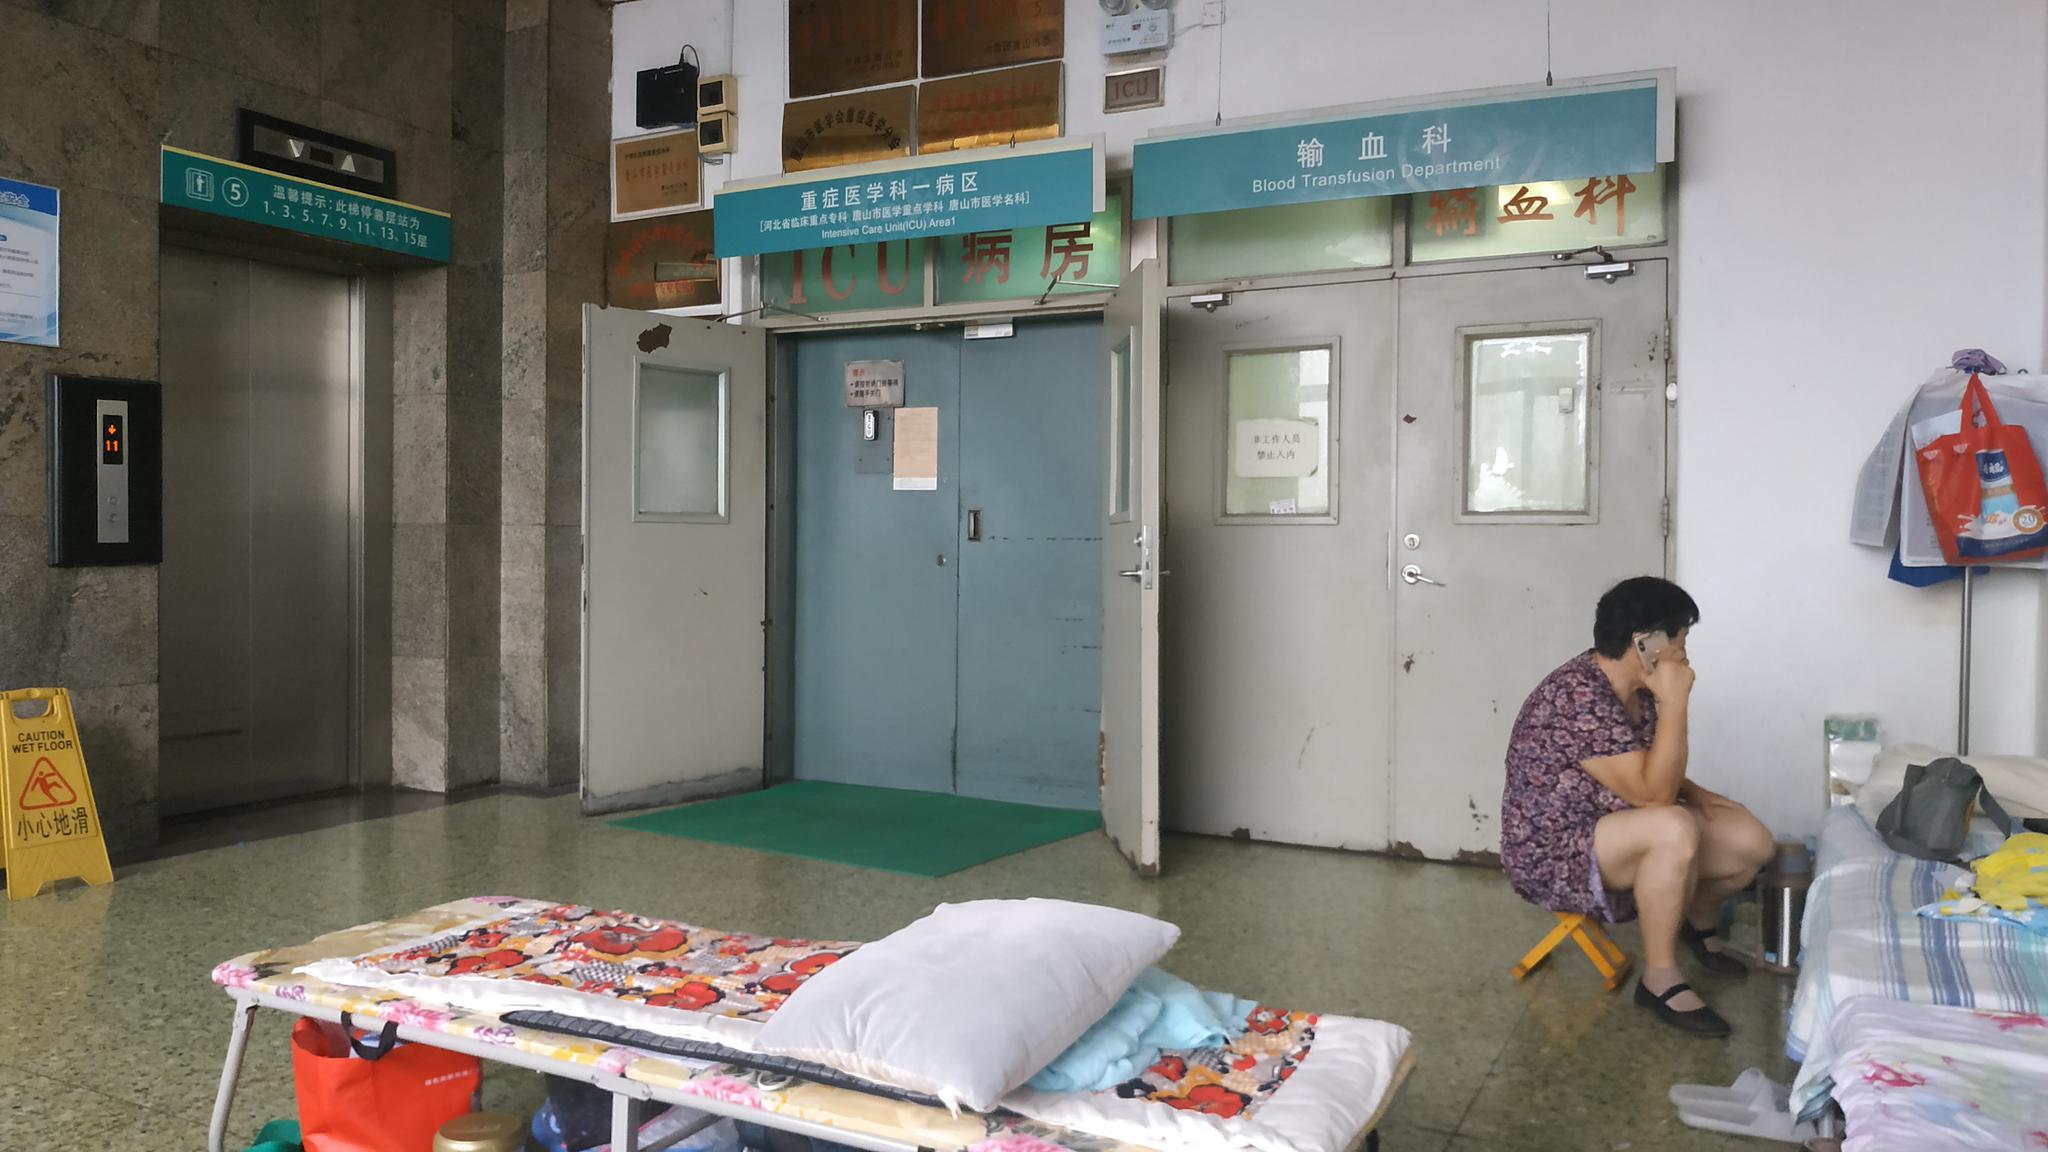 开滦集团唐山矿井事故中的5名安全升井者正在医院接受治疗,其中1人住在ICU。新京报记者 刘名洋 摄